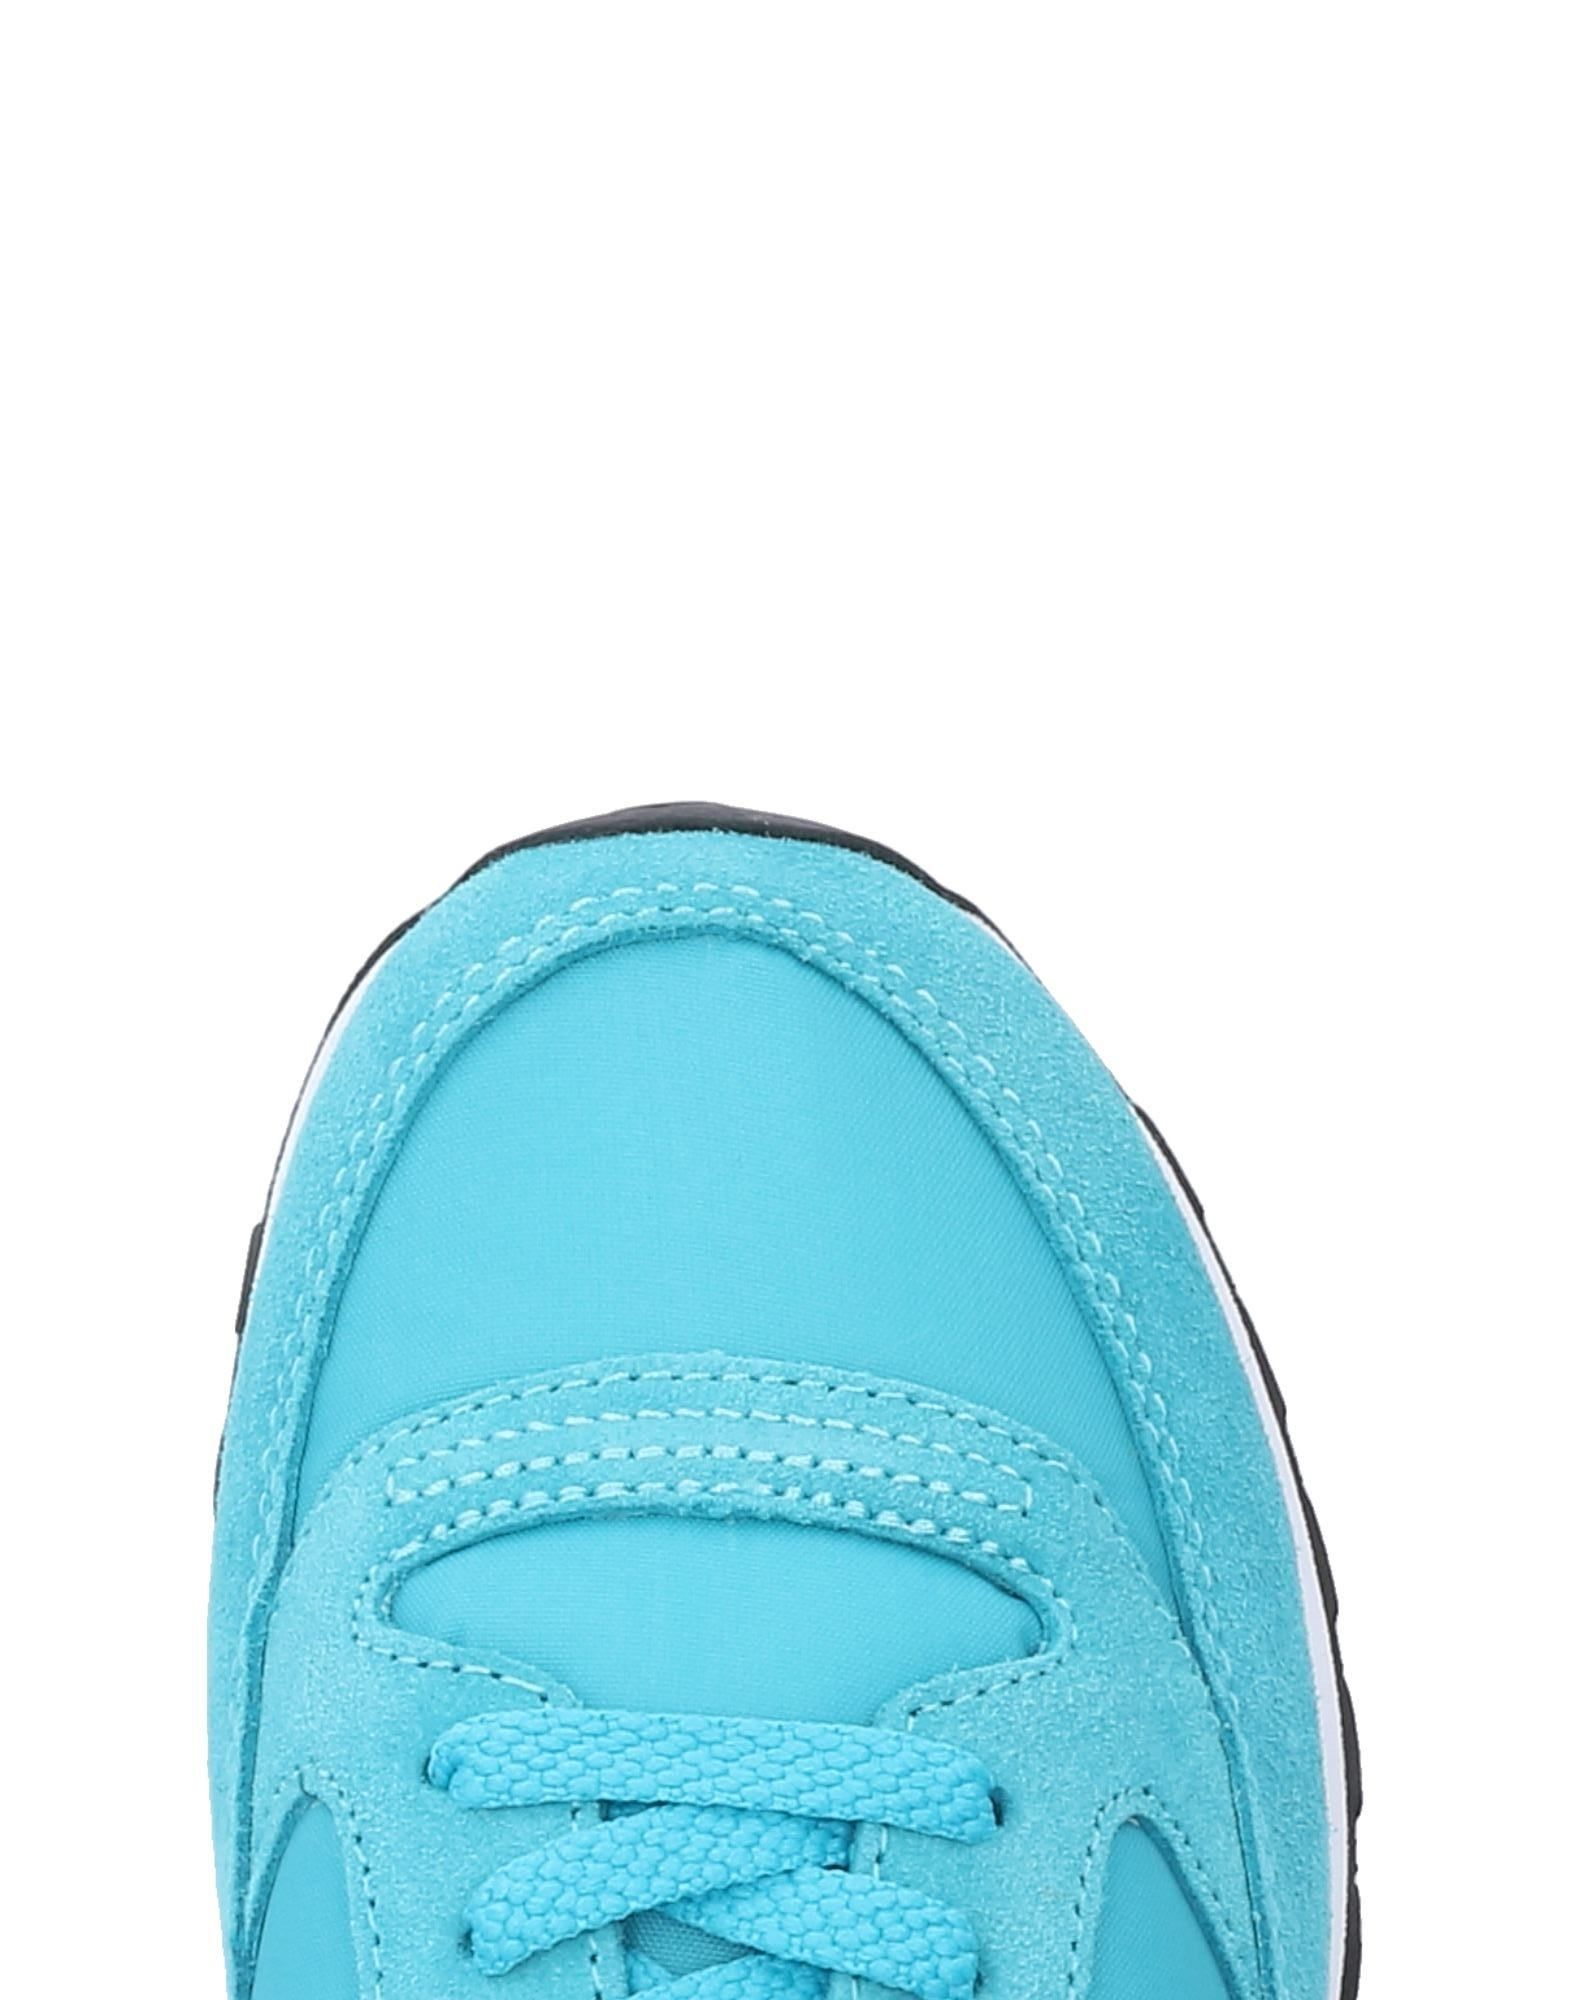 Saucony 11505691VK Sneakers Damen  11505691VK Saucony Gute Qualität beliebte Schuhe 64e59a